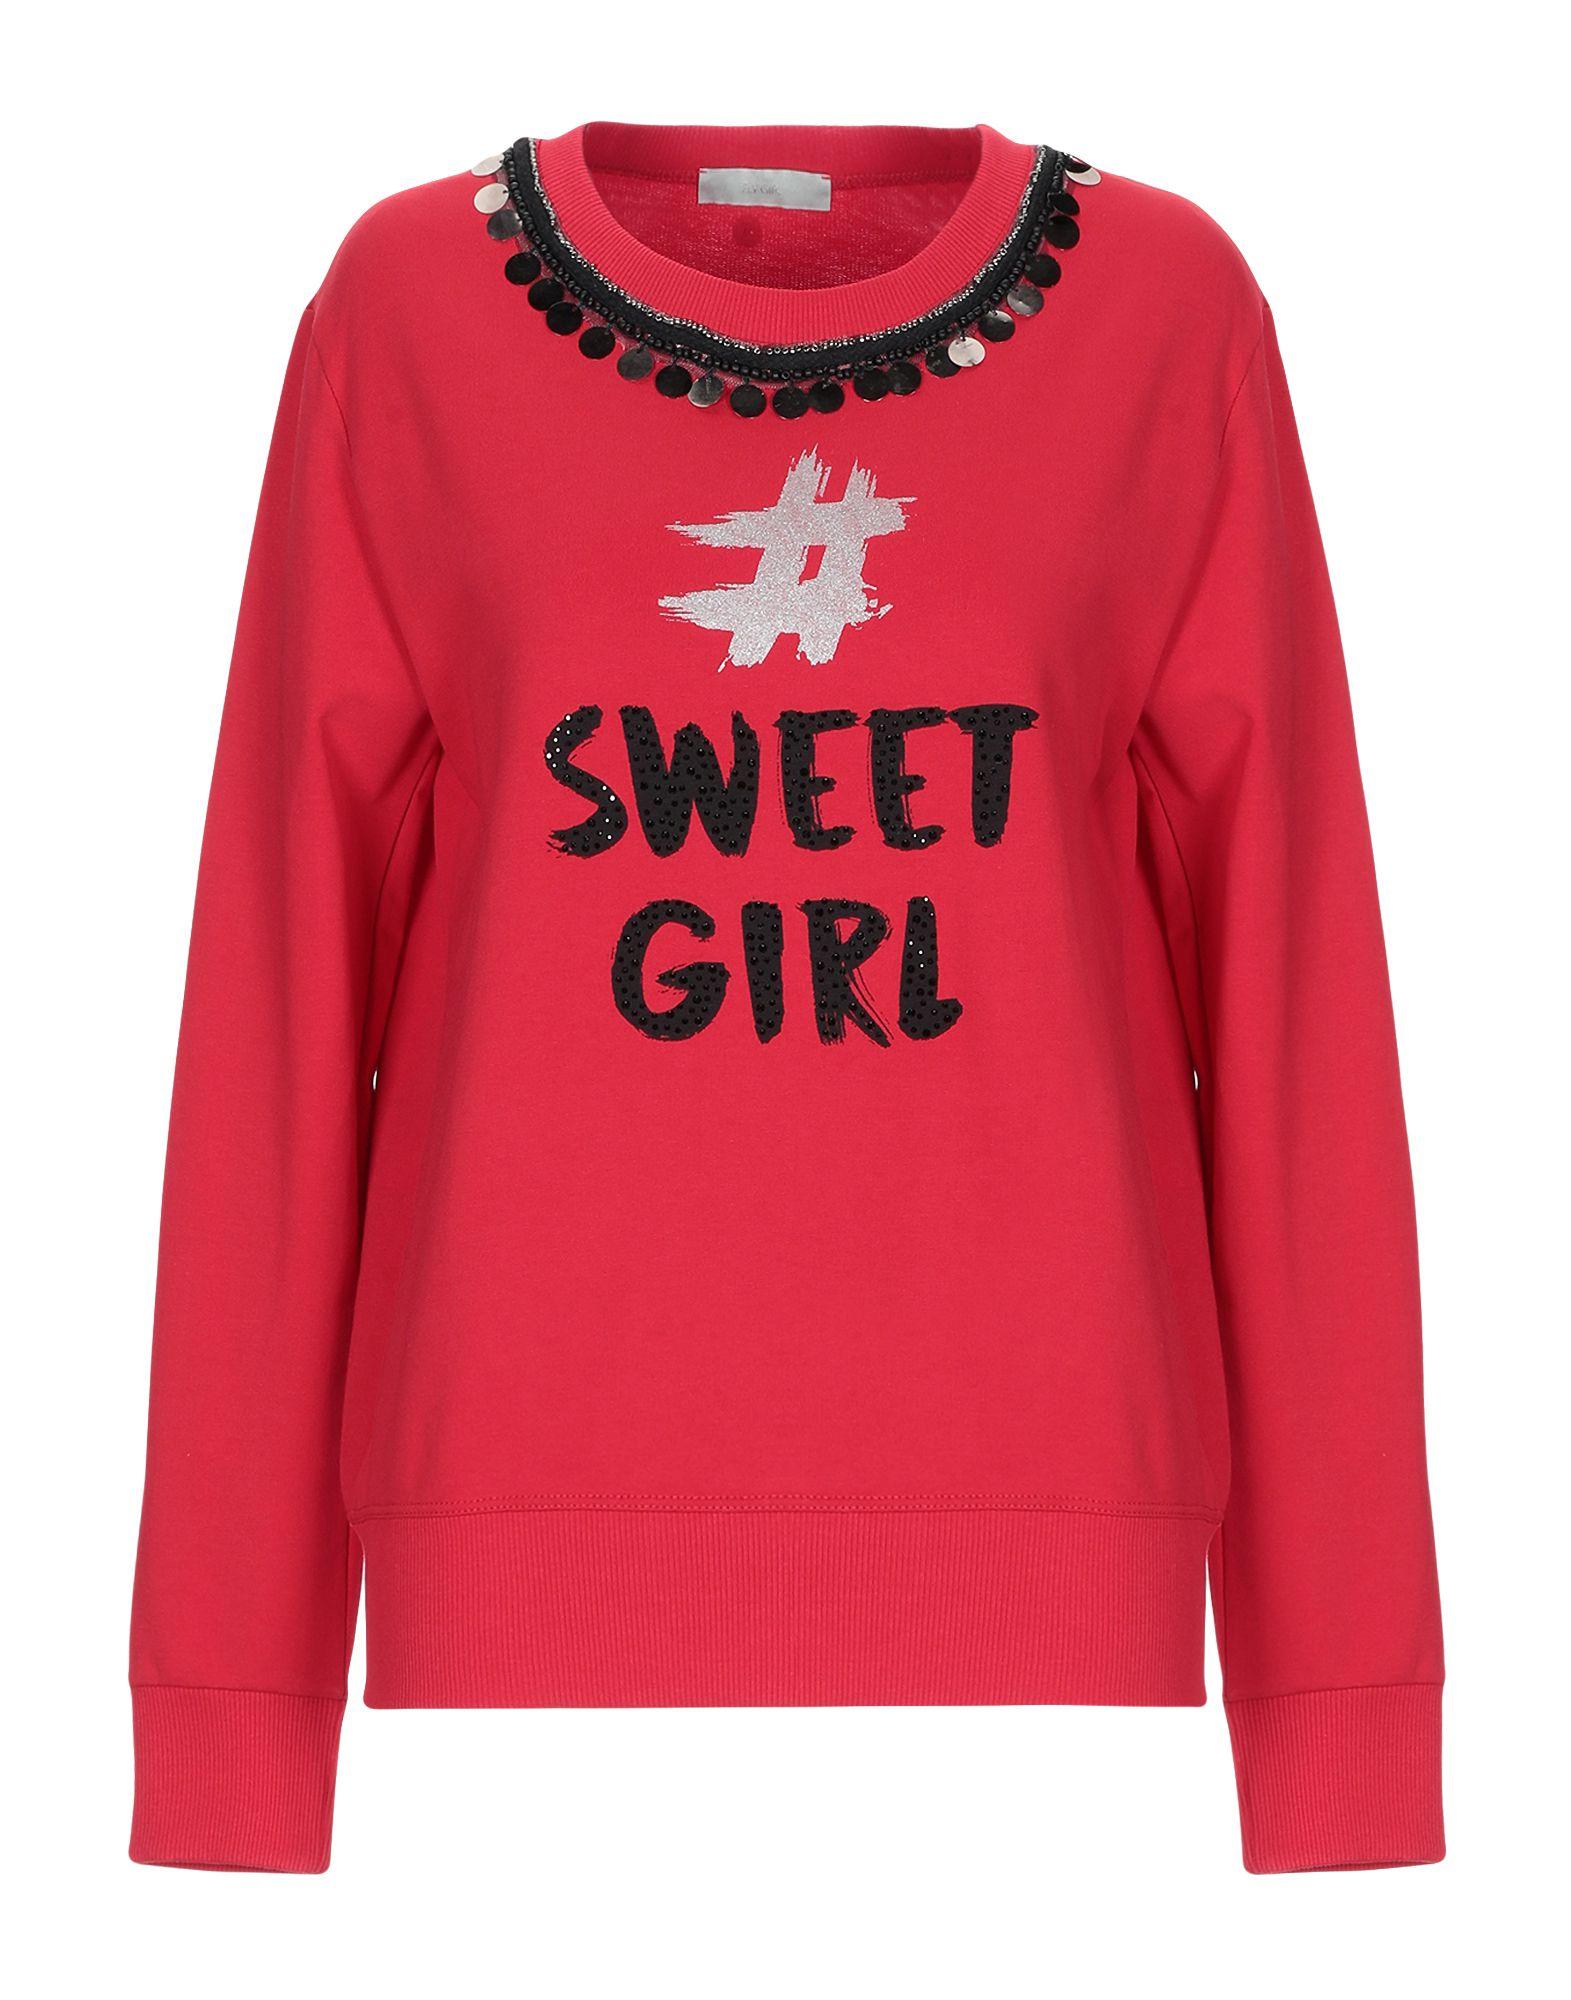 《送料無料》FLY GIRL レディース スウェットシャツ レッド XS コットン 100%